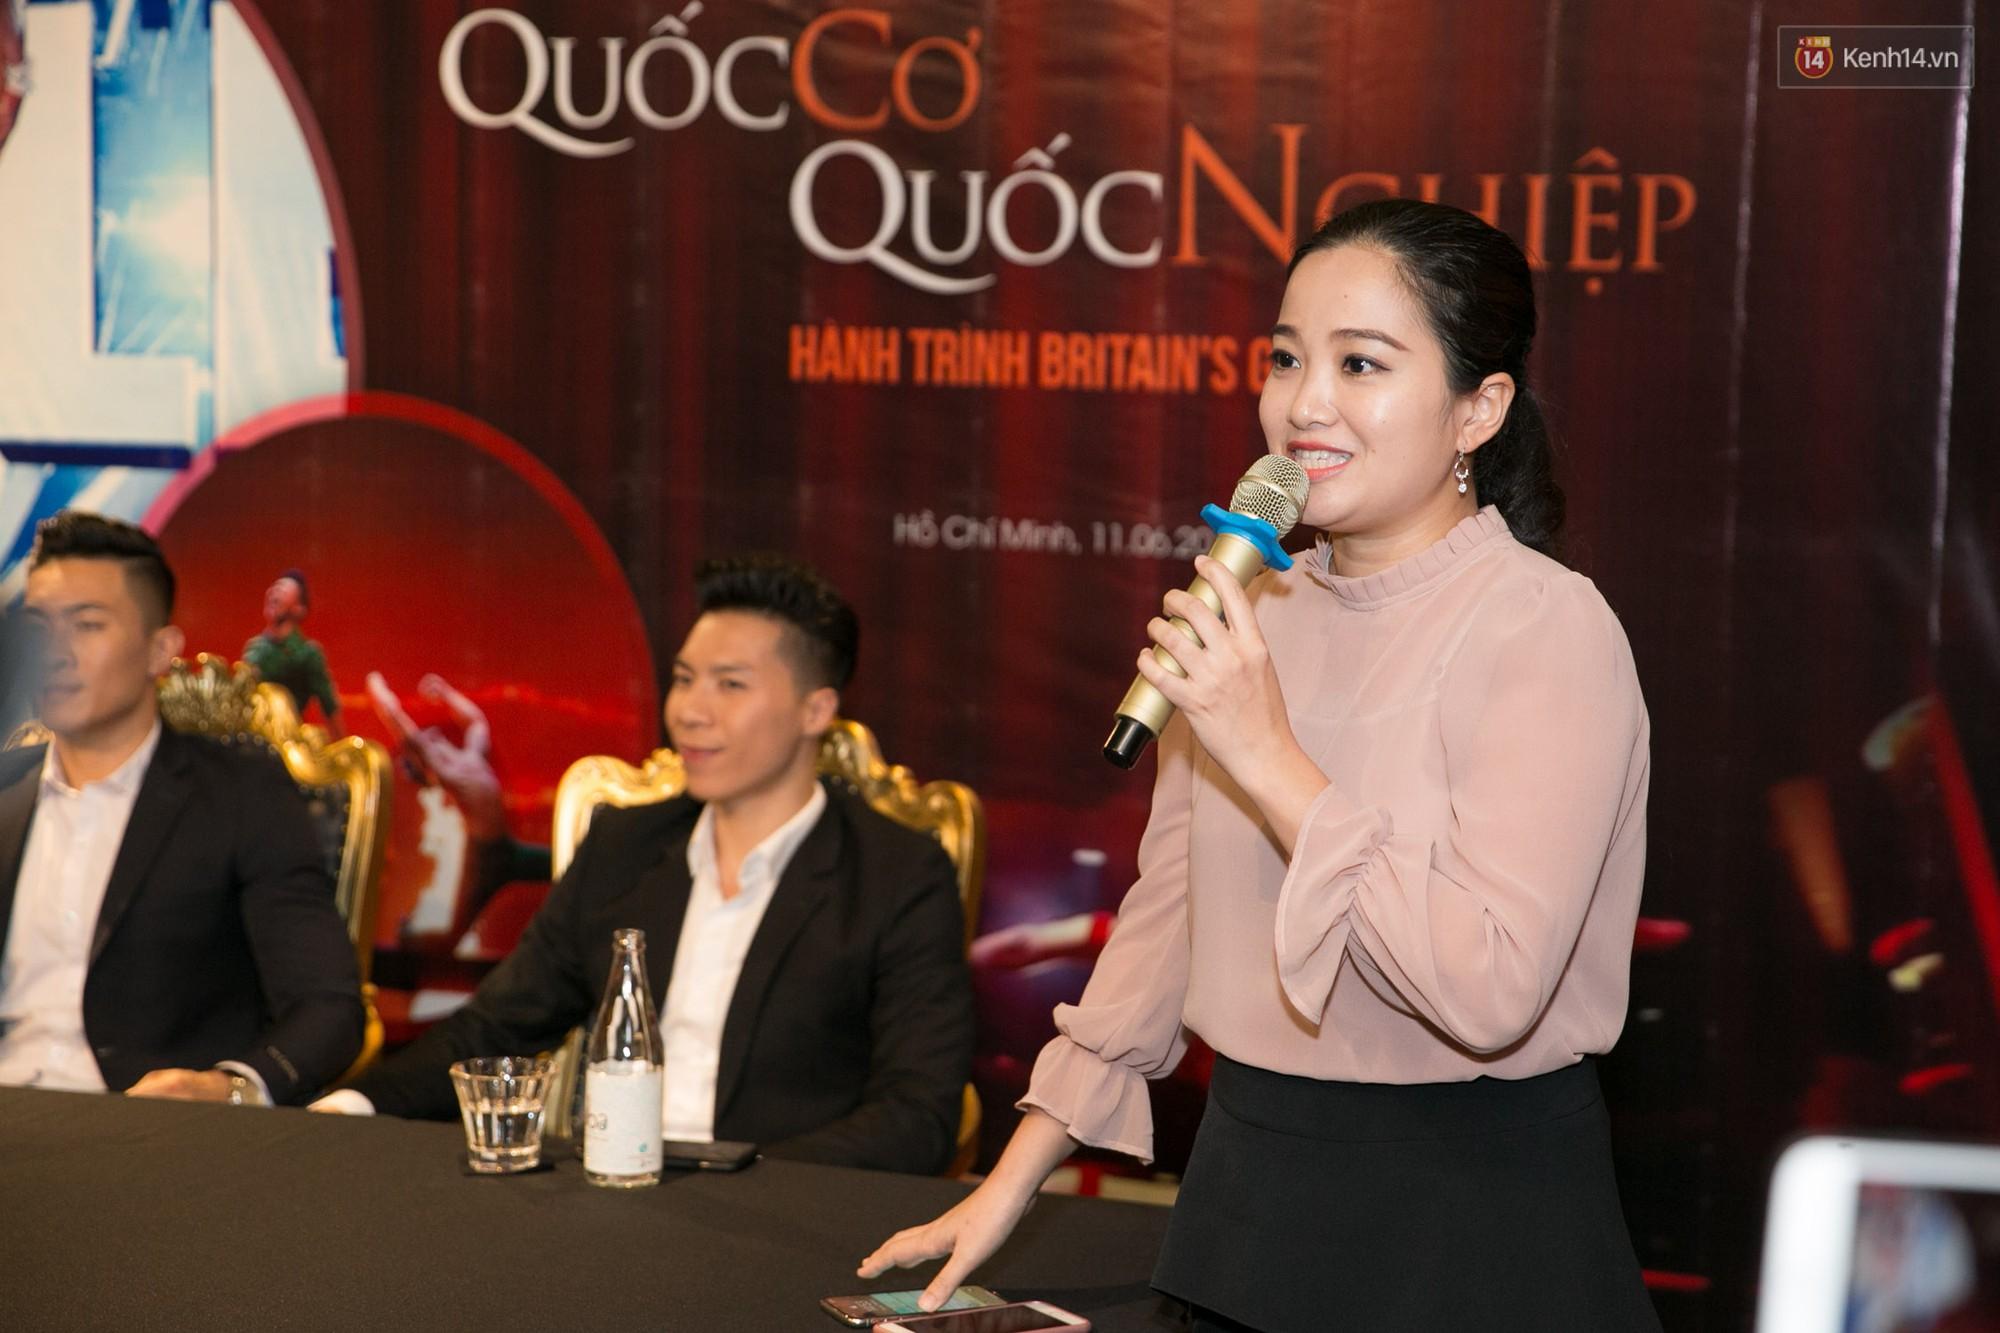 Anh em Quốc Cơ - Quốc Nghiệp phải huỷ show diễn tâm huyết tại Việt Nam vì lý do sức khoẻ - Ảnh 4.